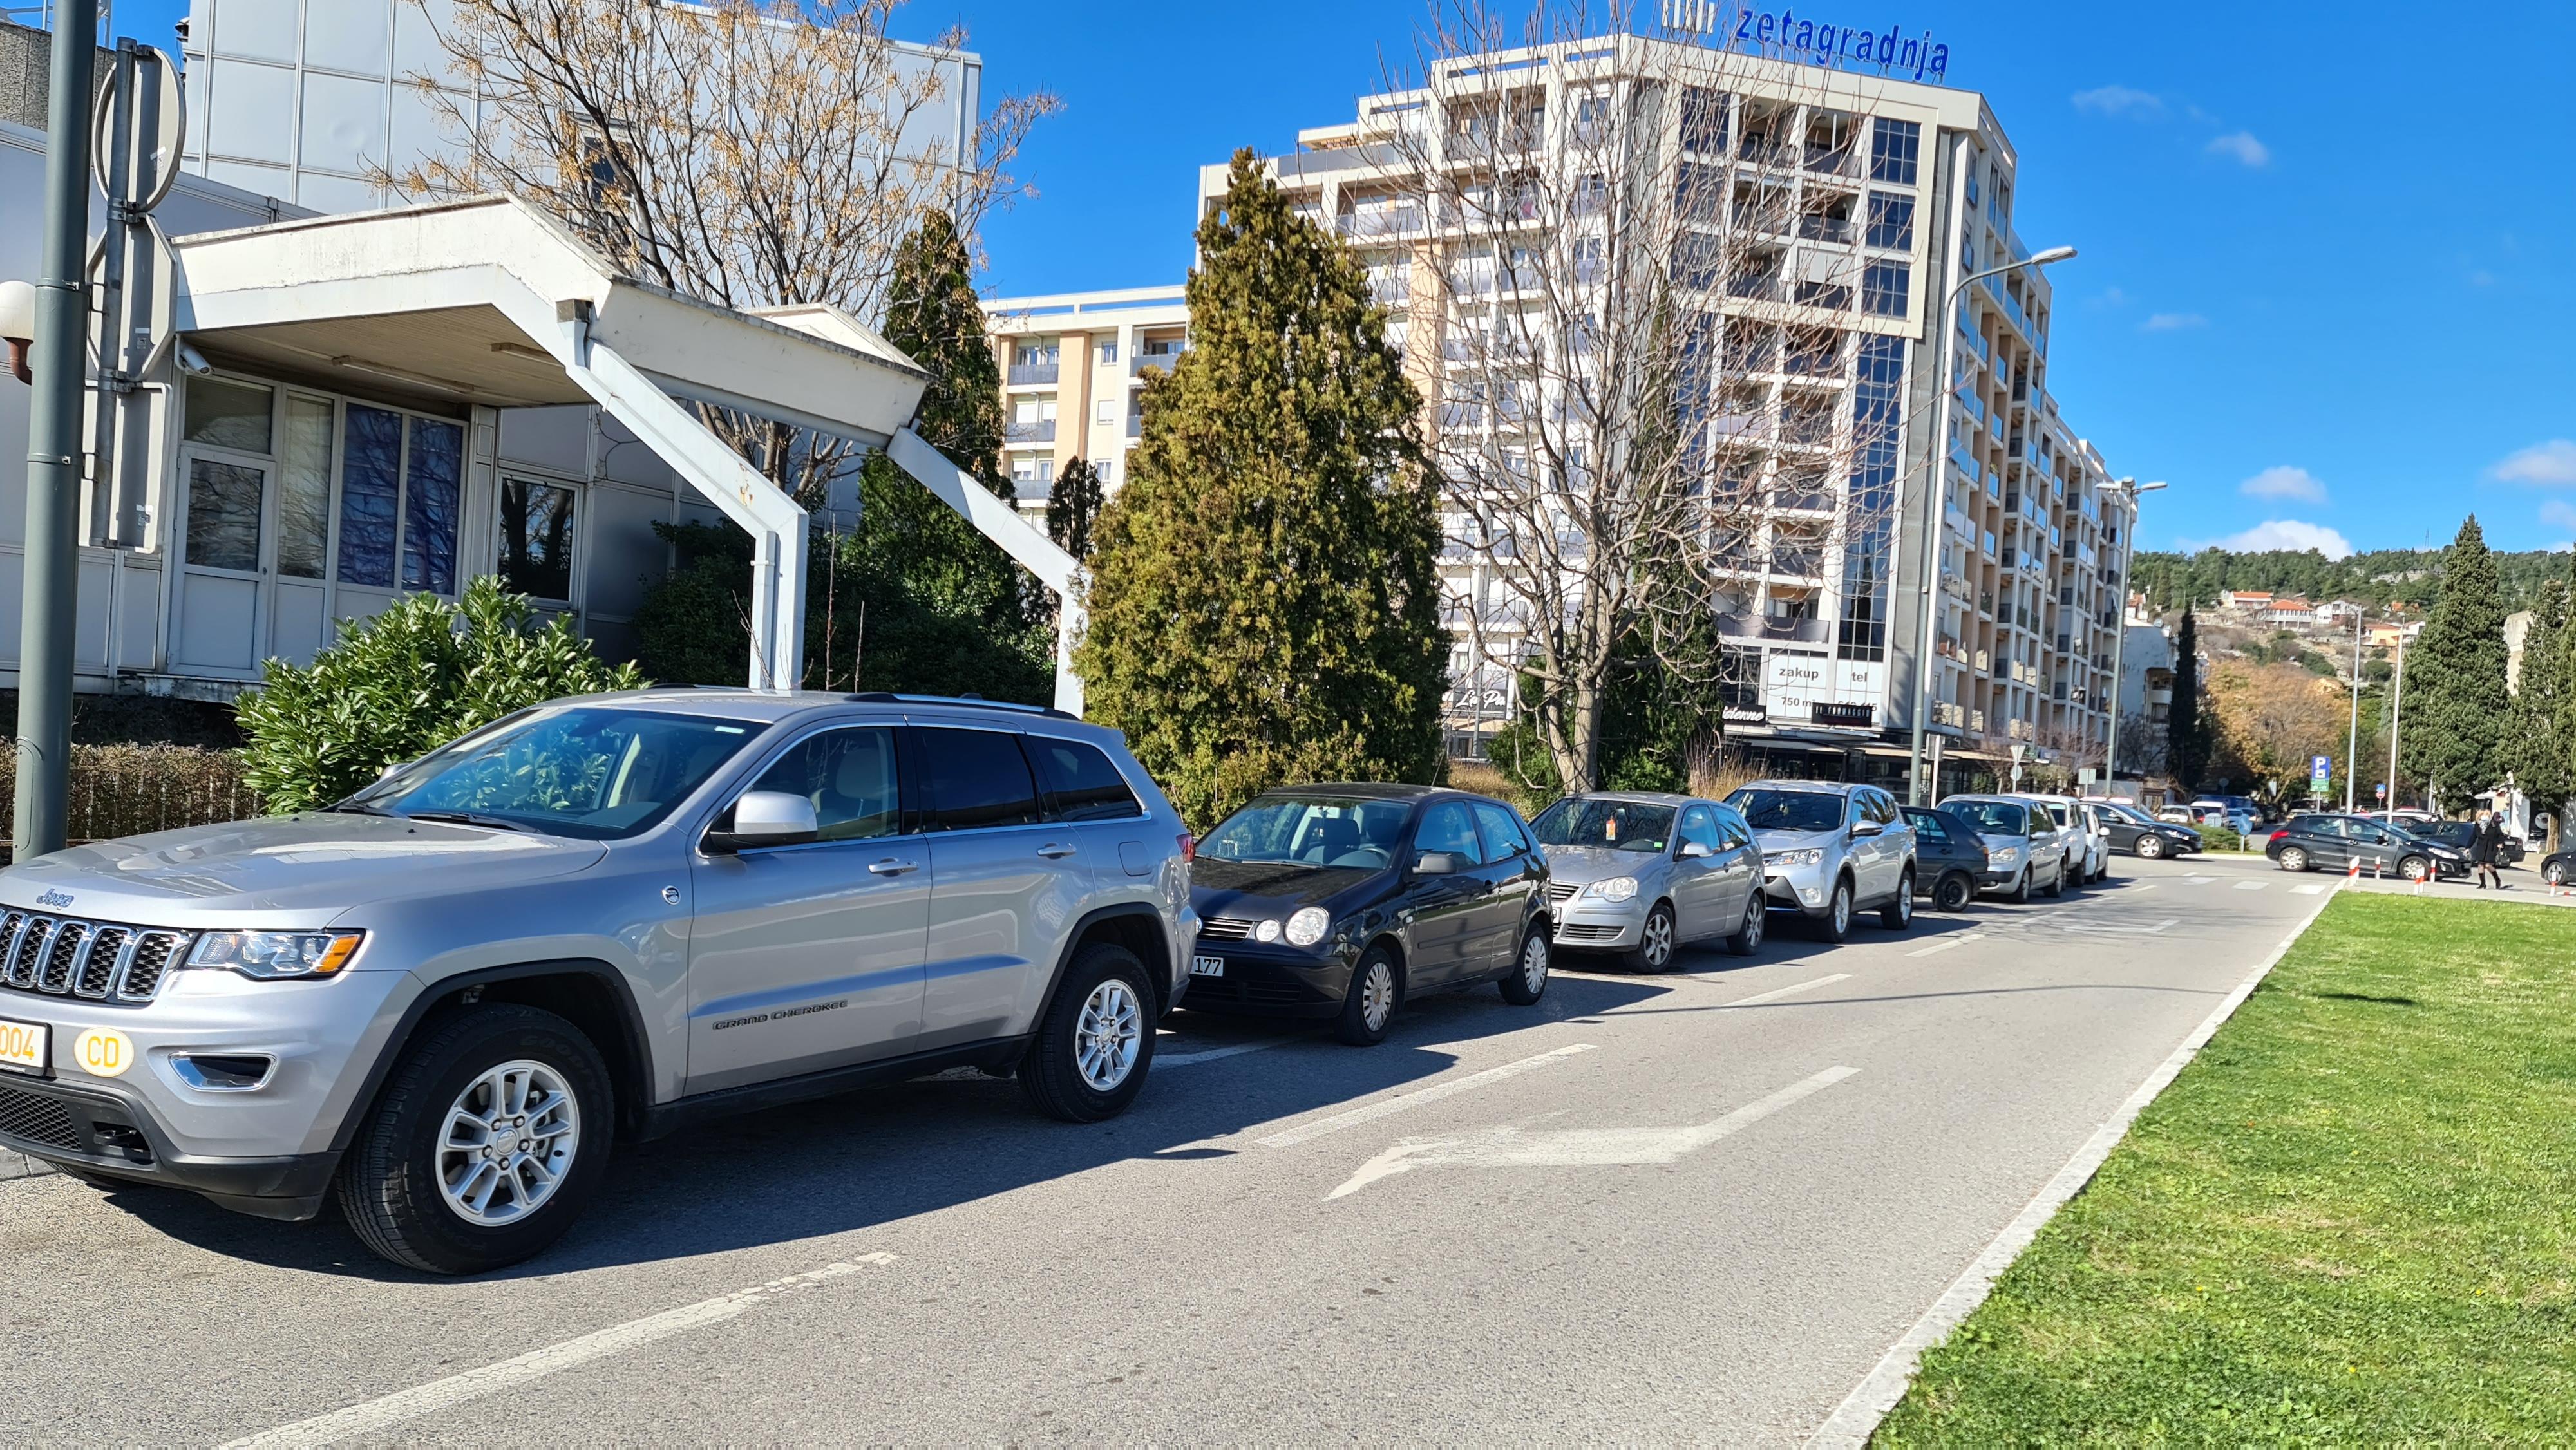 Apel građanima da poštuju propise; I pored parkinga nesavjesni vozači koriste trotoare i kolovozne trake